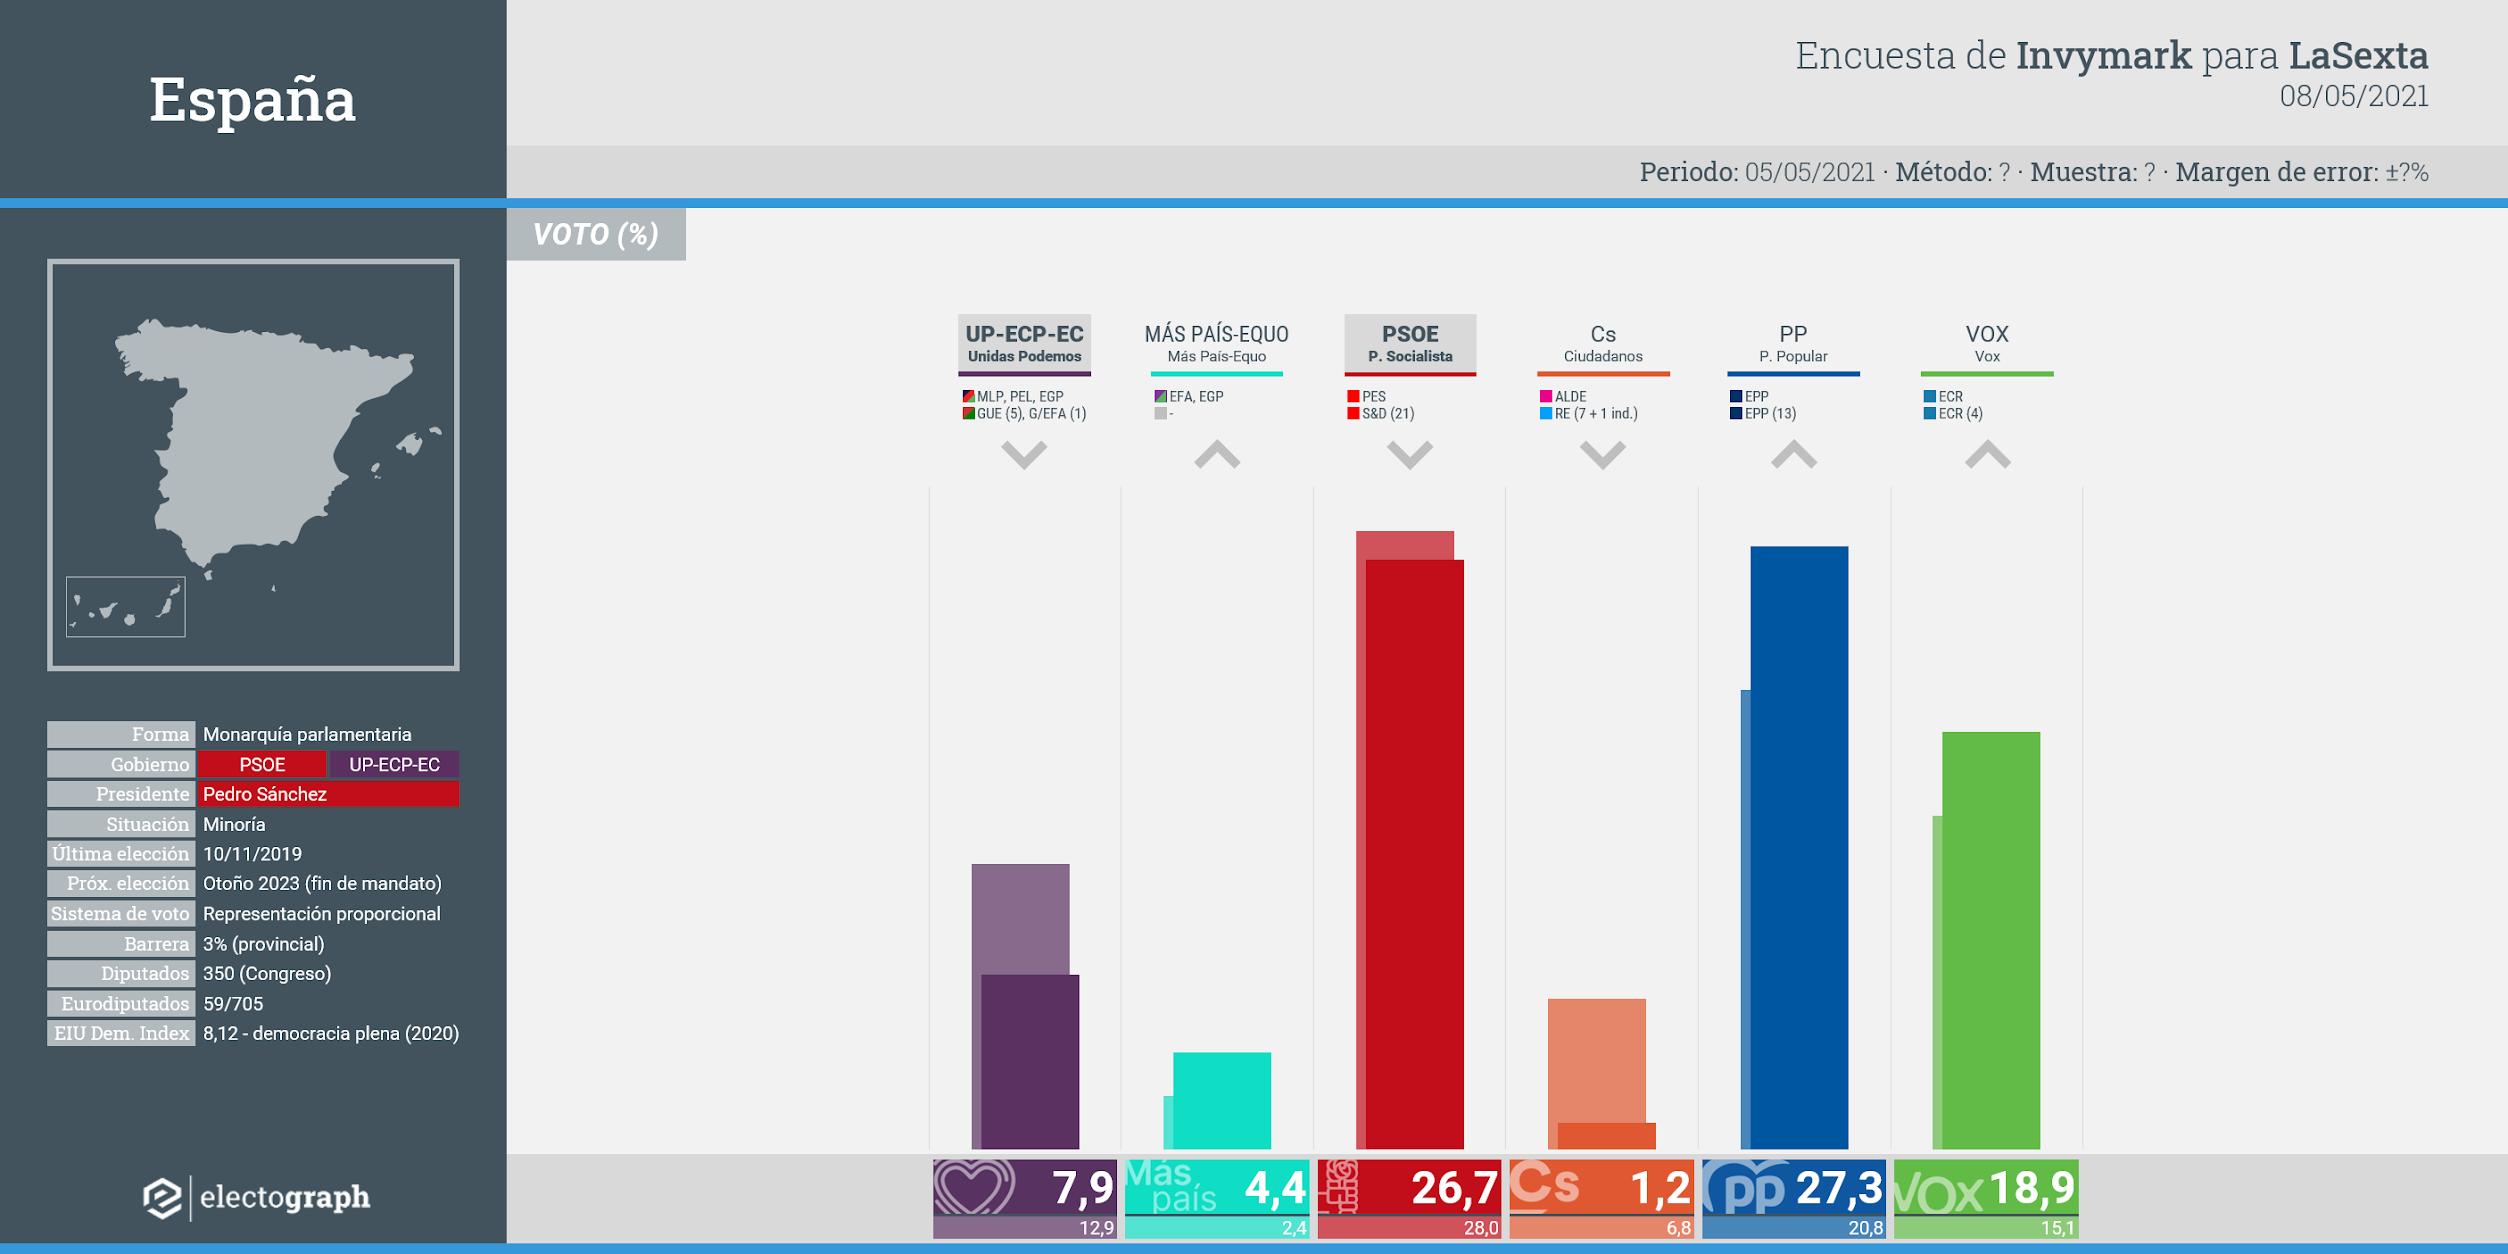 Gráfico de la encuesta para elecciones generales en España realizada por Invymark para LaSexta, 8 de mayo de 2021